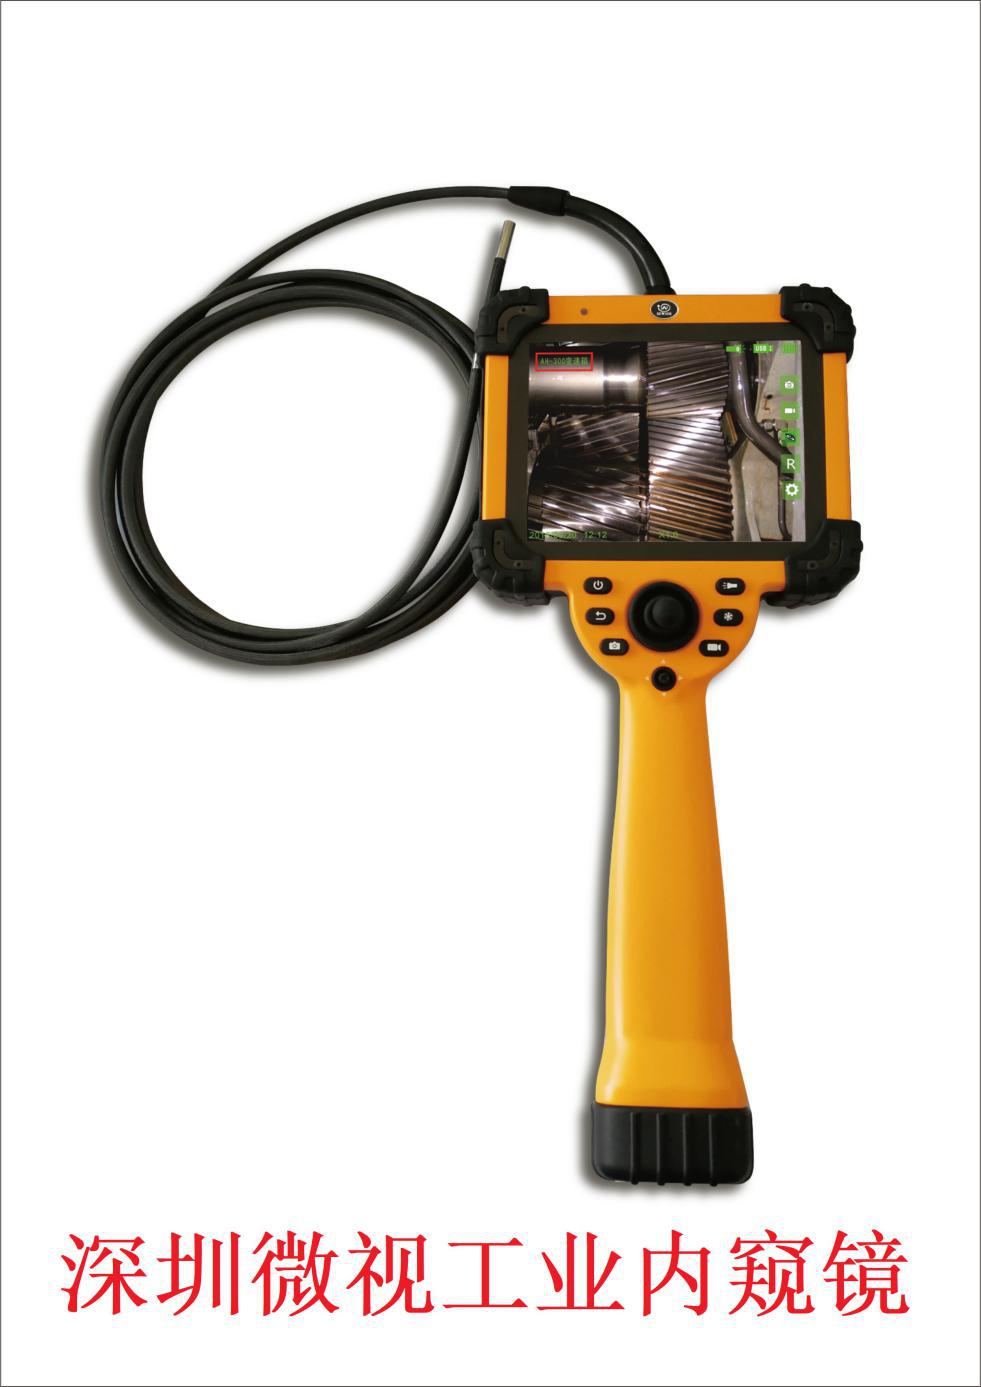 超细针管式内窥镜(软管)-无损检测-中国五金商机网